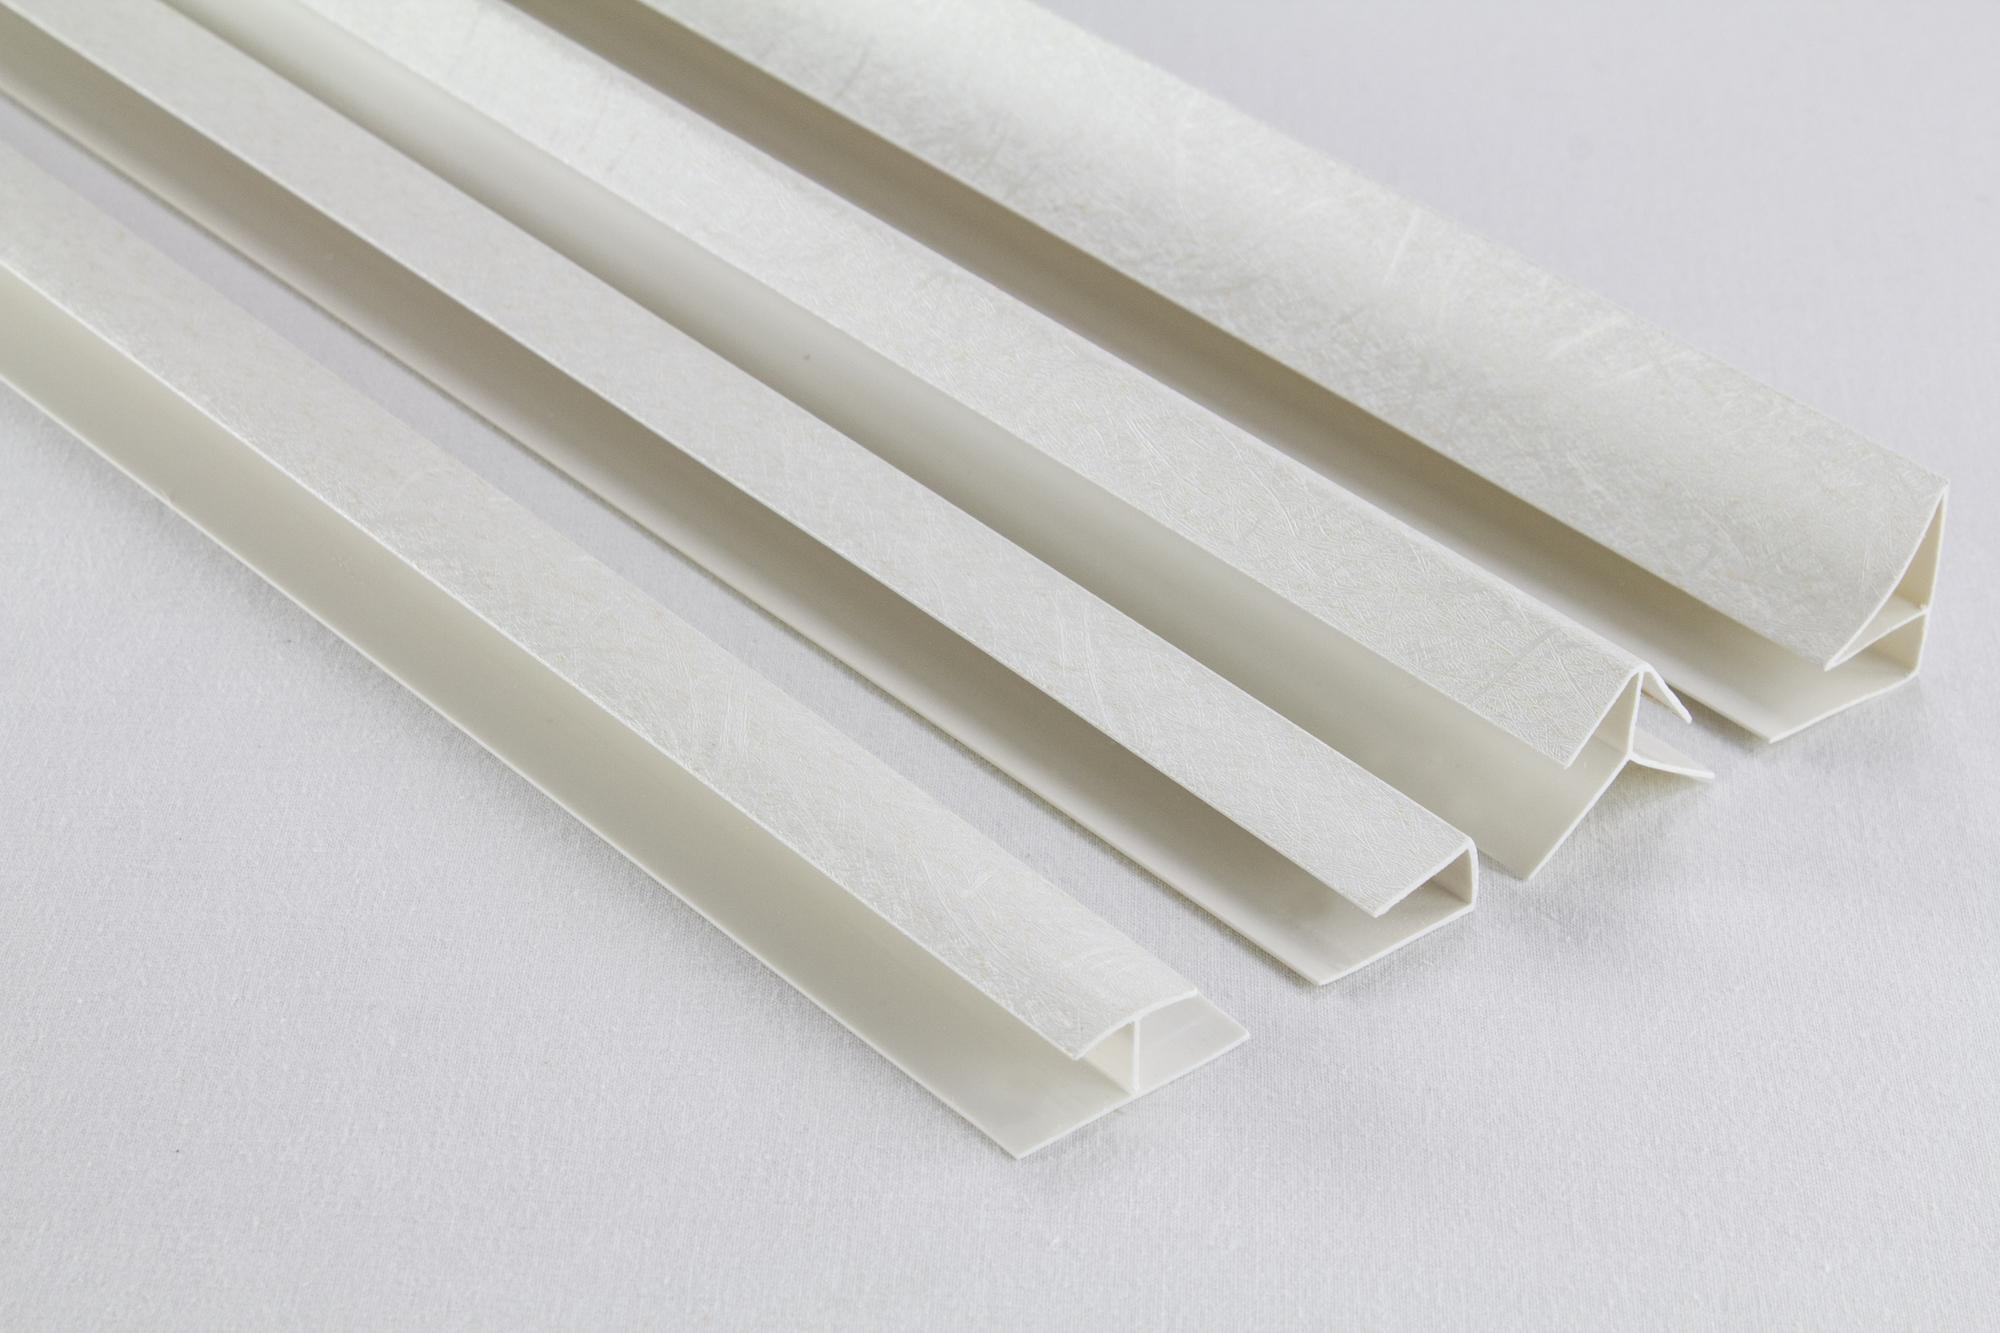 Zubeh r f r pvc paneele deckenpaneele wandpaneele innen platten 93 13 ebay - Wandpaneele kunststoff innen ...